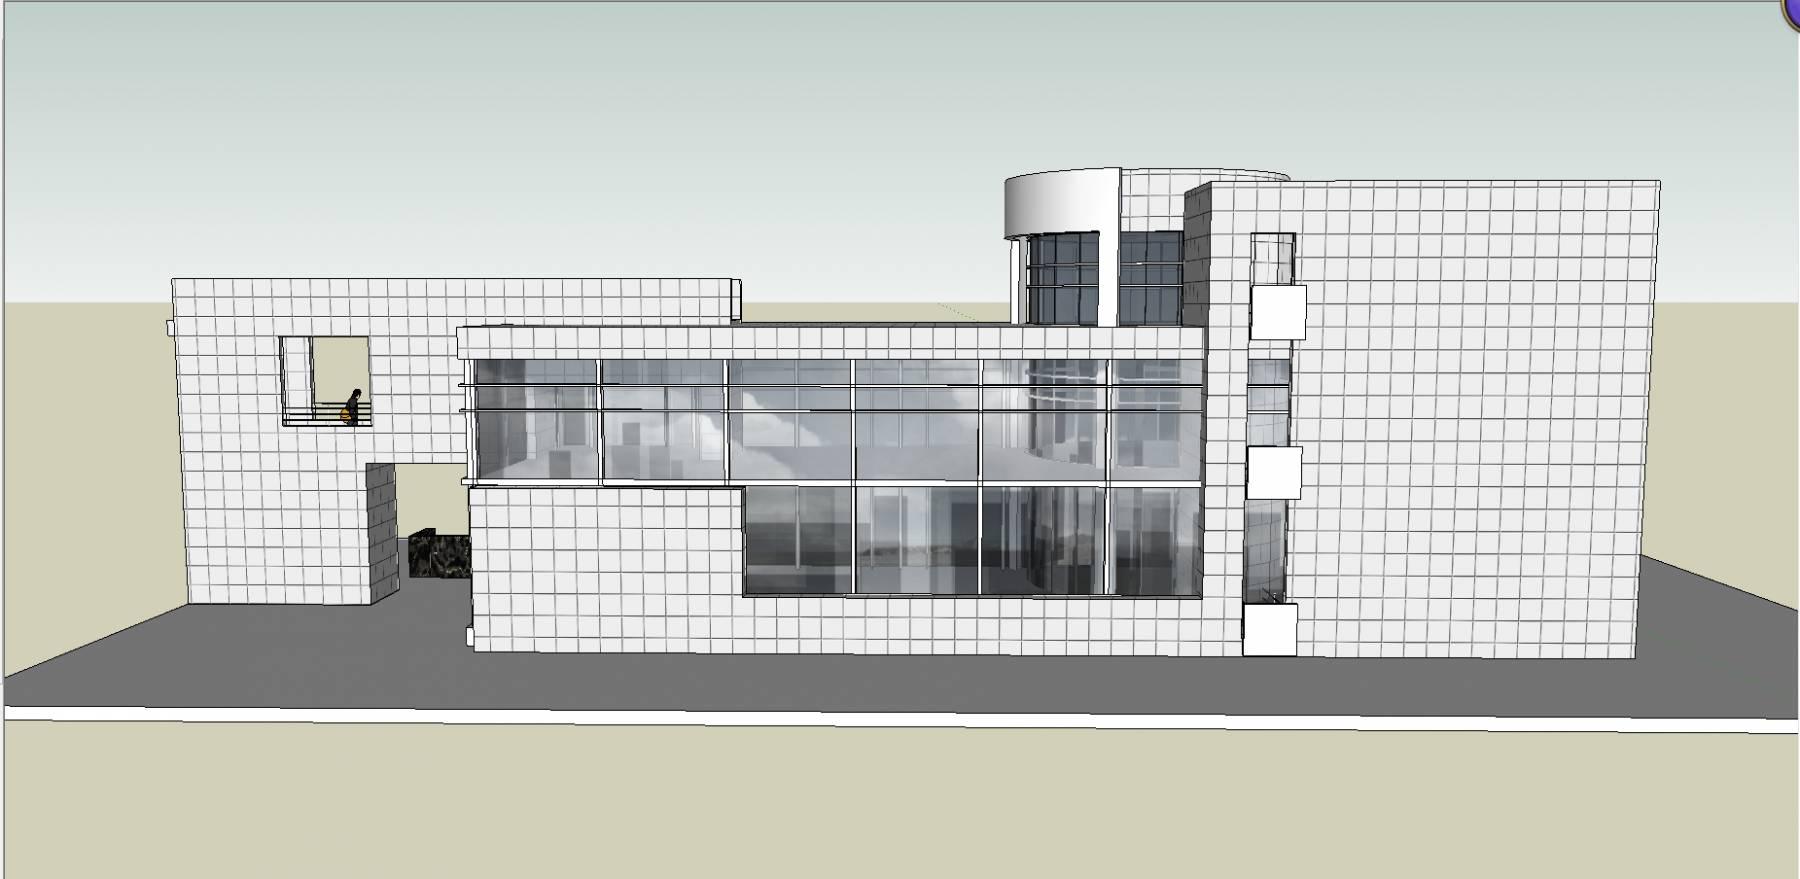 大学建筑 教学楼 图书馆 电影院 剧场 音乐厅2例